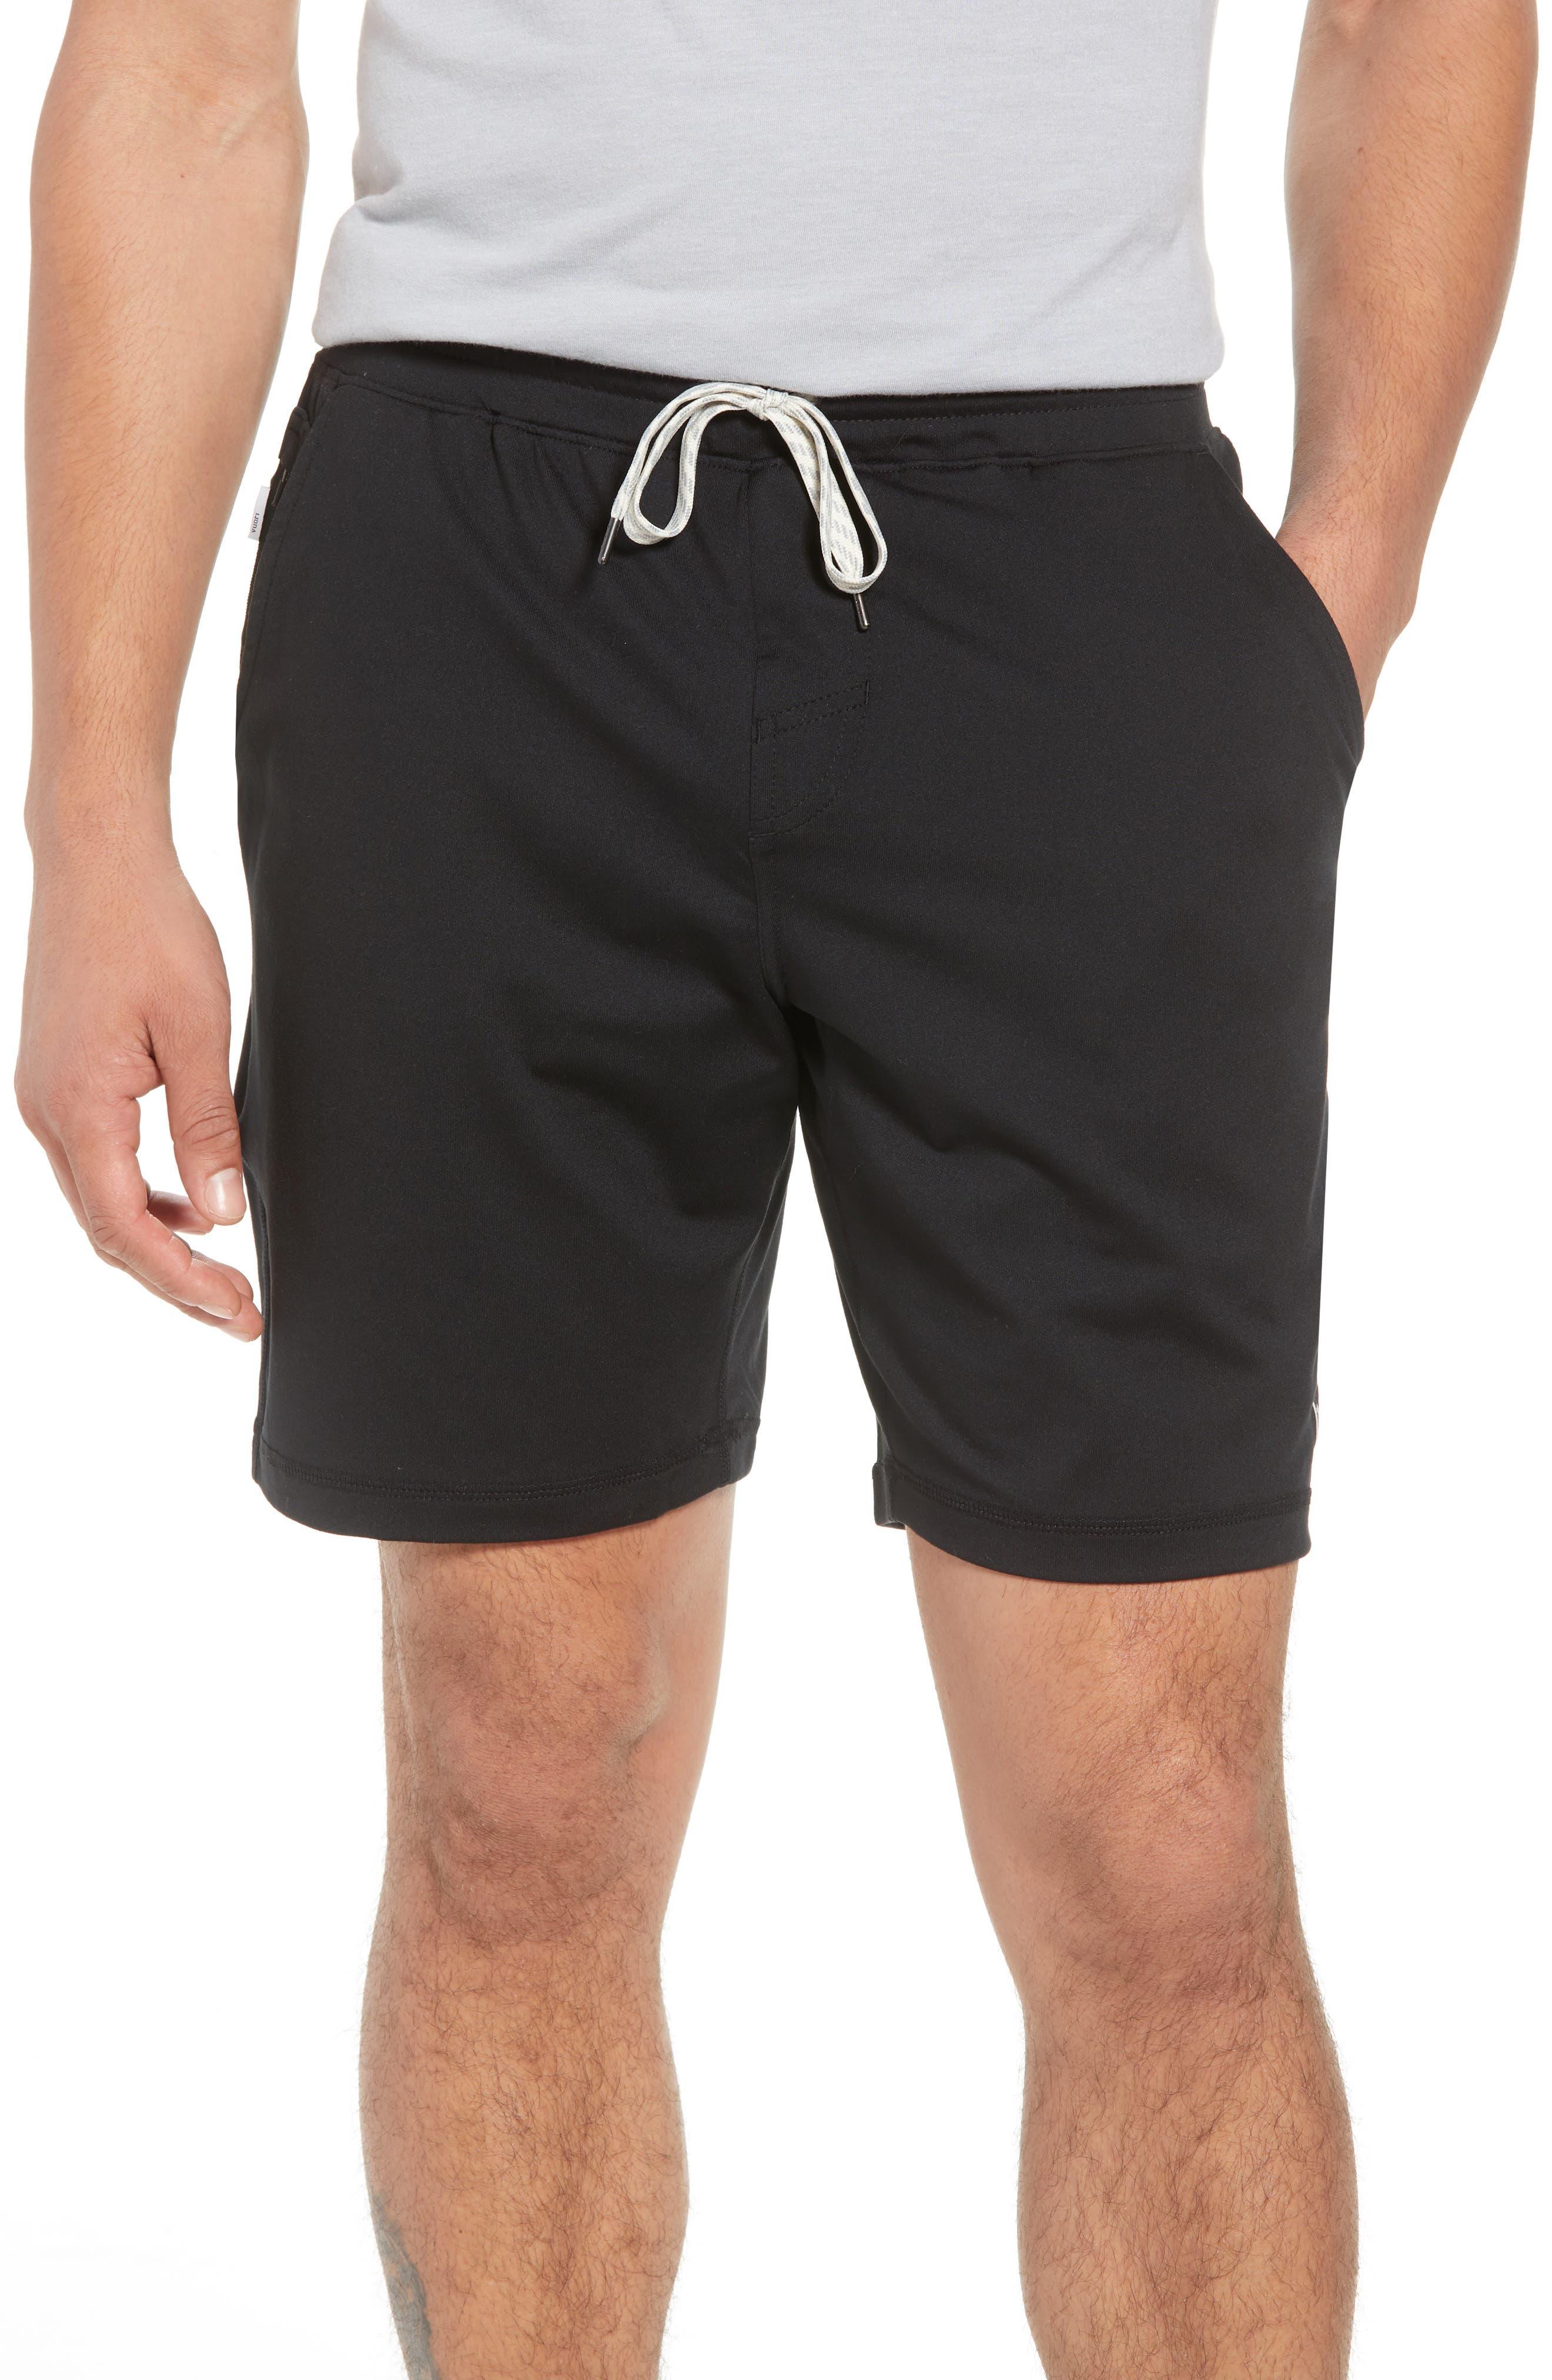 VUORI, Ponto Shorts, Main thumbnail 1, color, BLACK